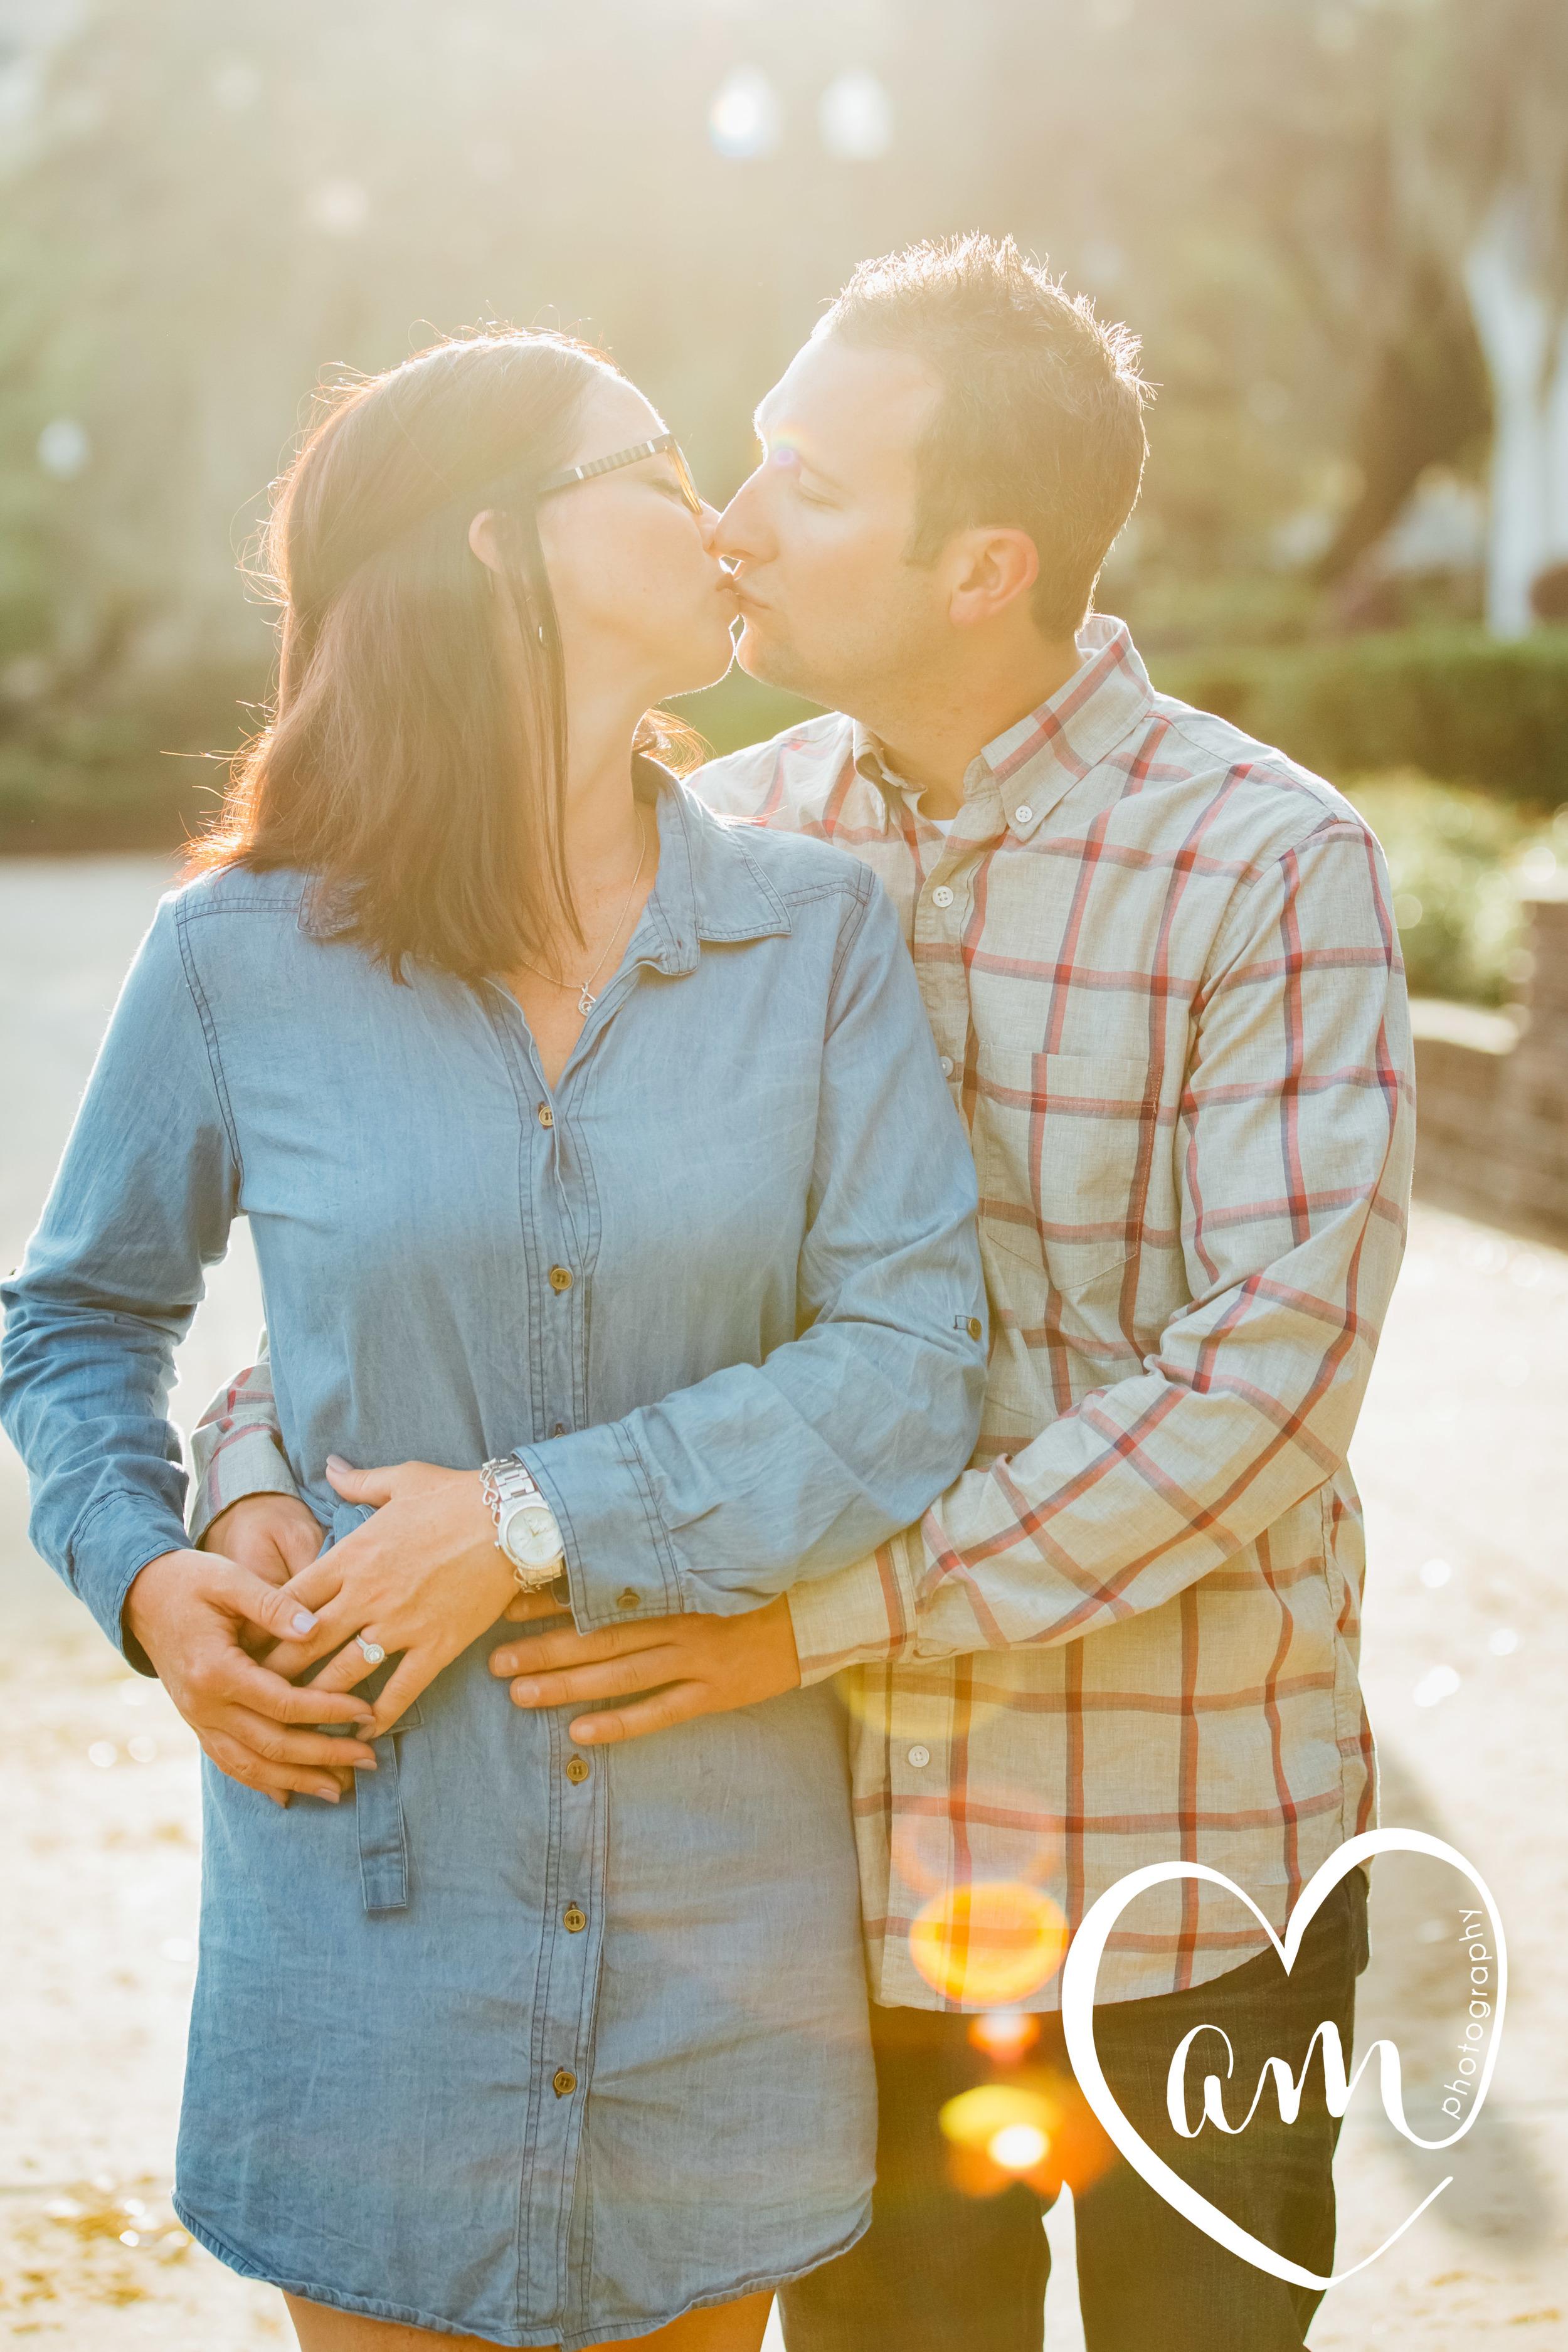 Sunny Orlando engagement photos. Church Street engagement session. Photo by Amanda Mejias Photography: Orlando wedding photographer.